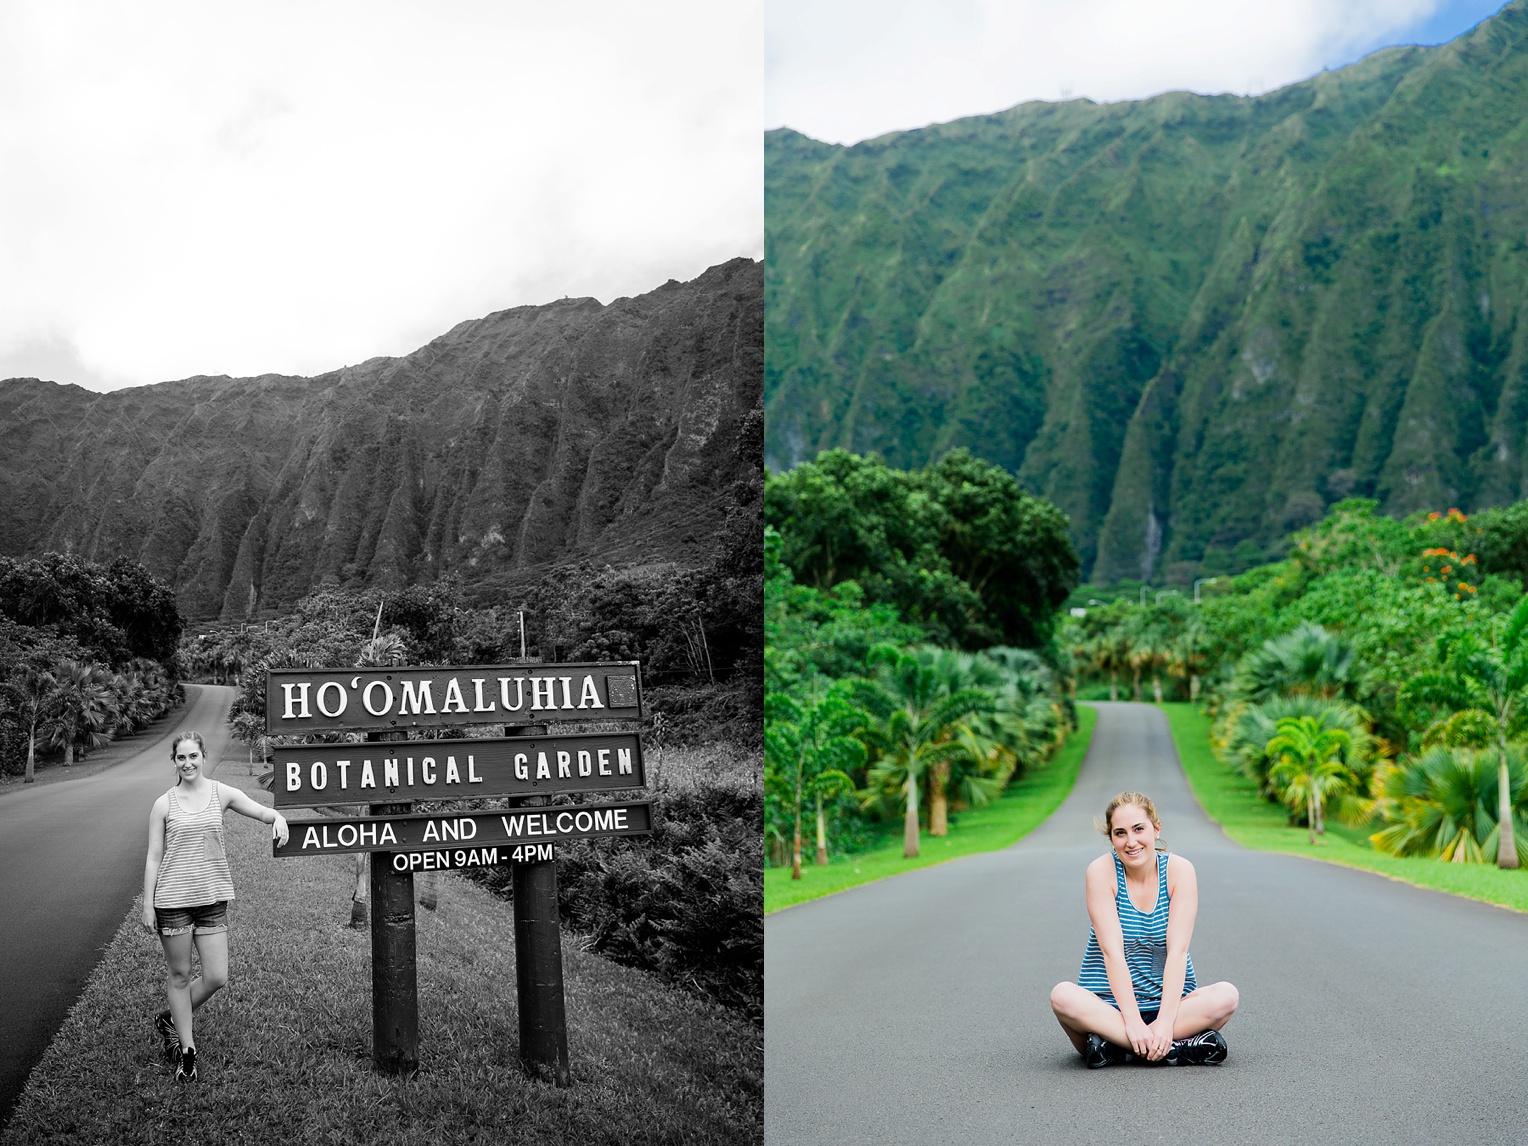 Hawaii Oahu Botanical Gardens Ko'olina Lagoon-9393.jpg